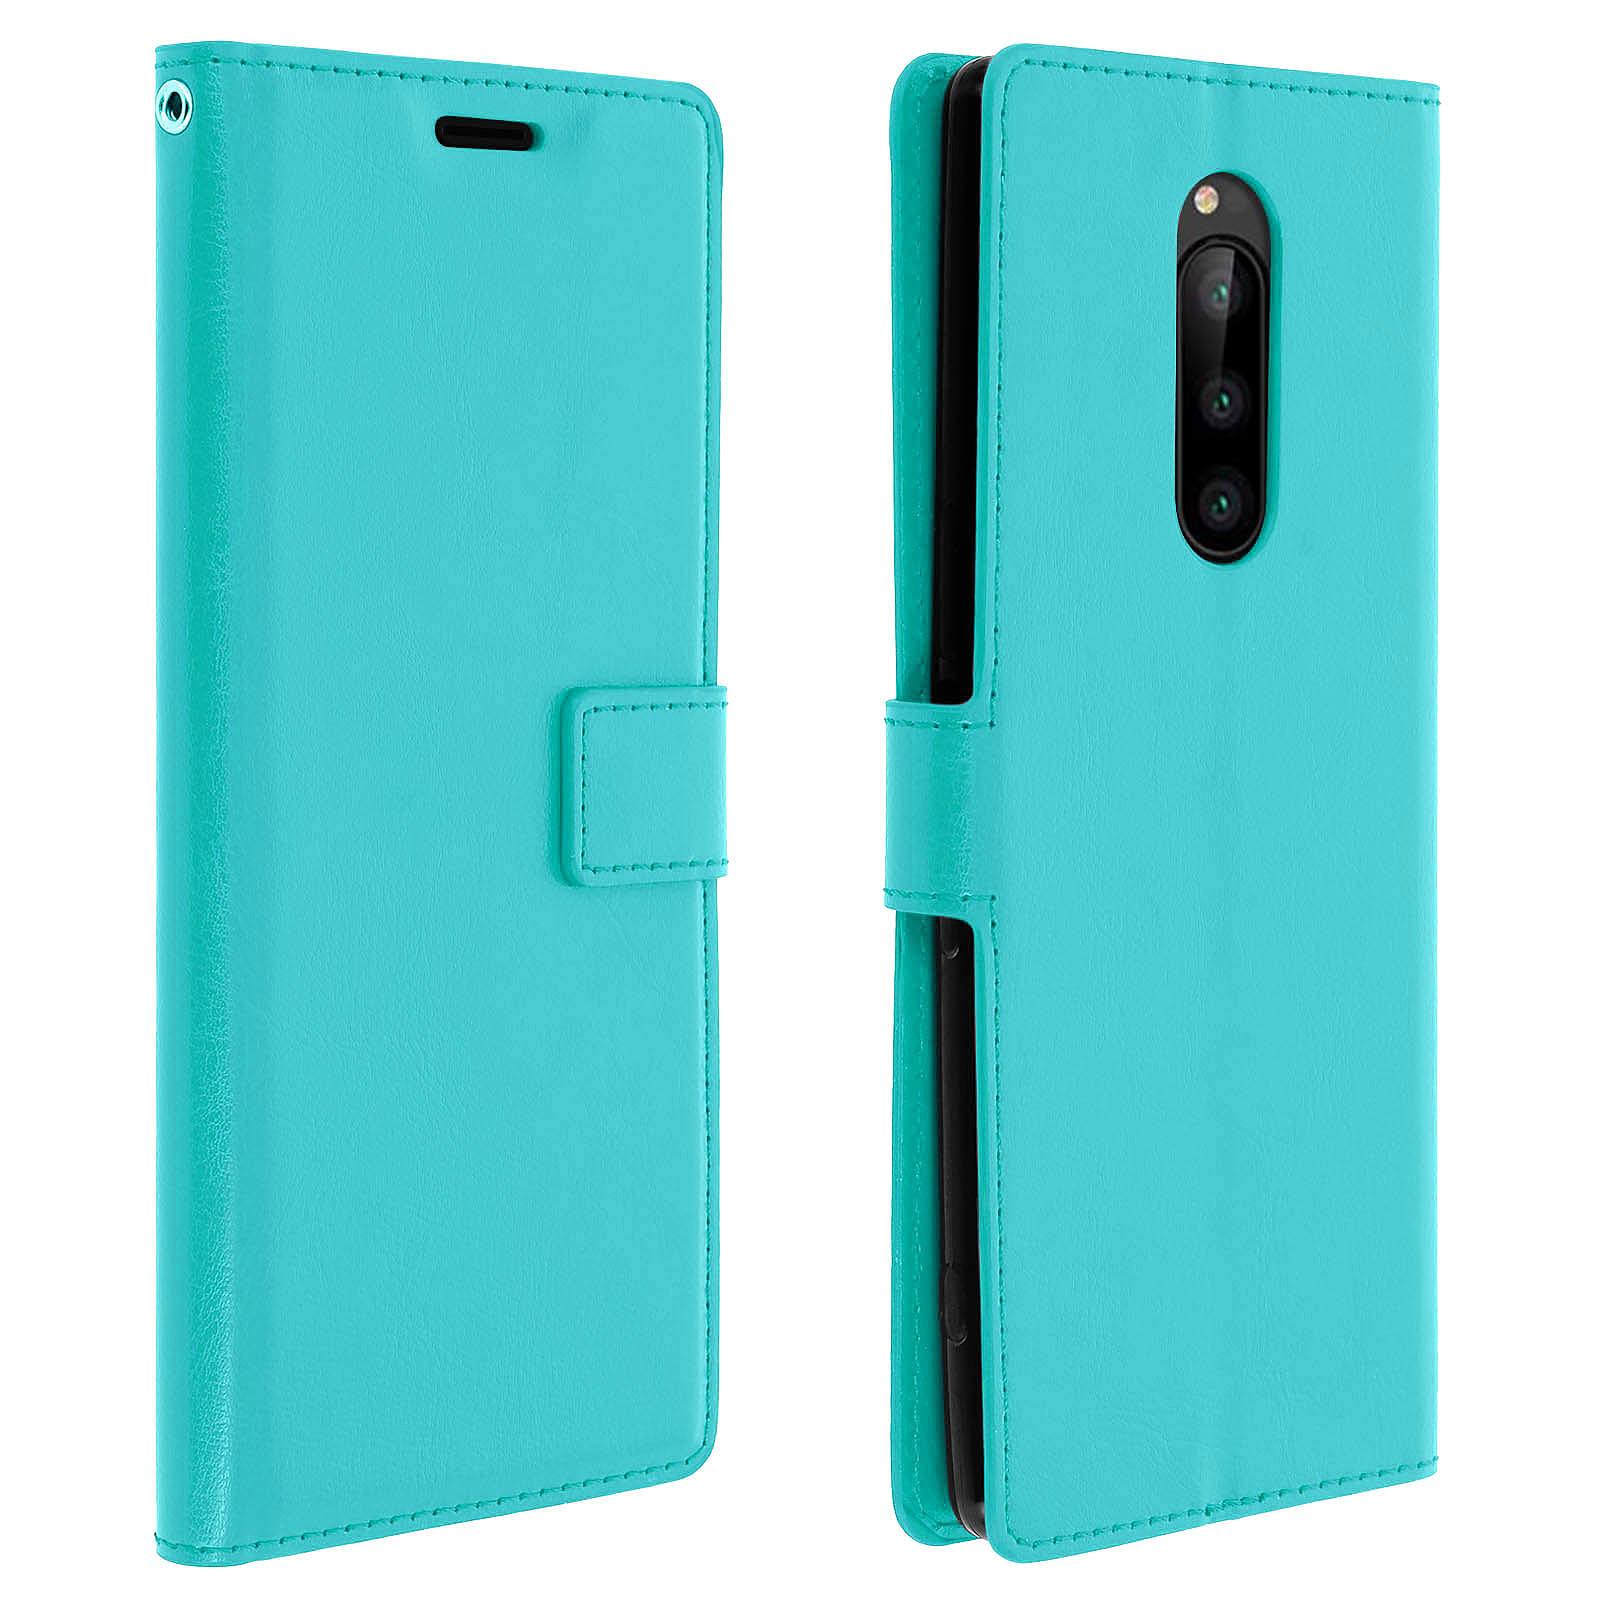 Avizar Etui folio Turquoise pour Sony Xperia 1